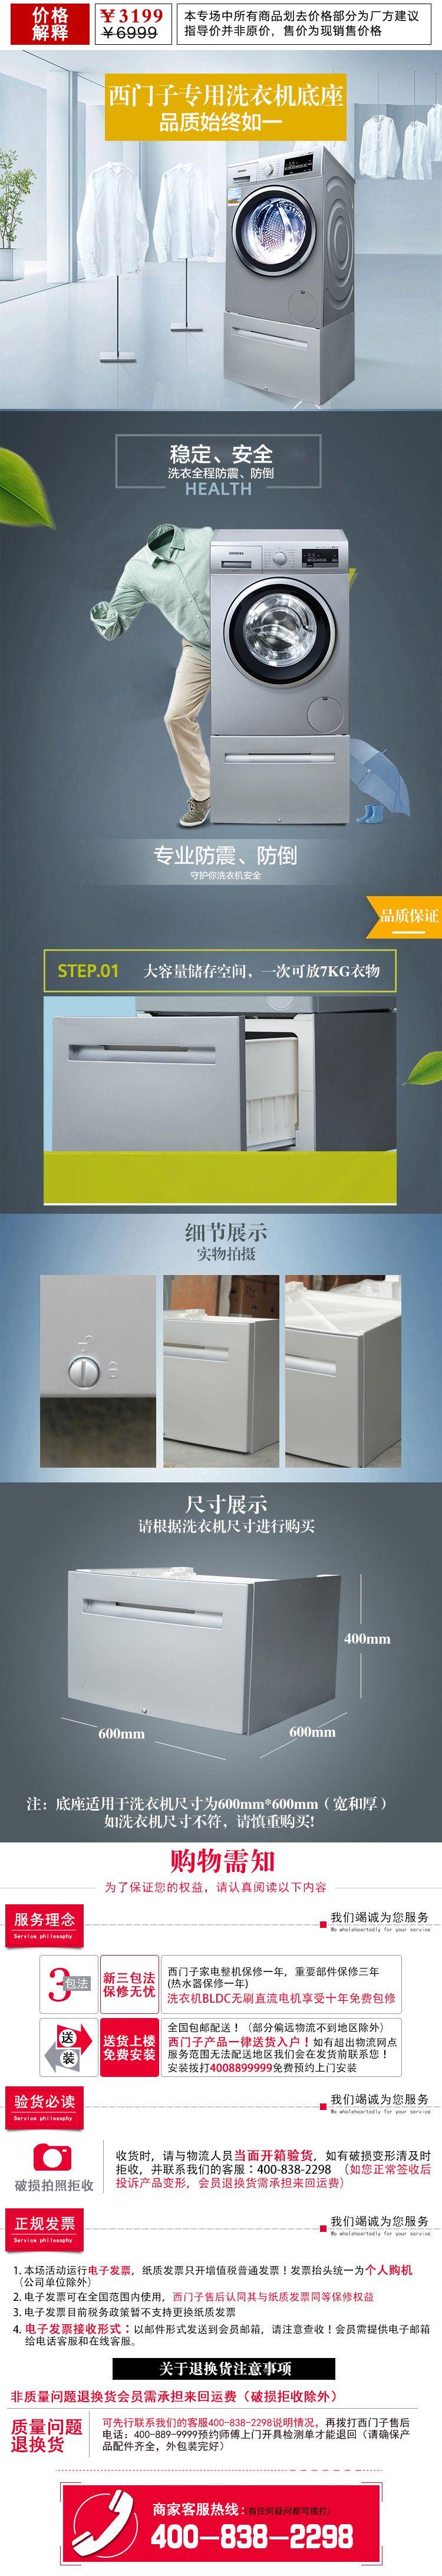 西门子siemens电器专场直发货西门子洗衣机底座正品